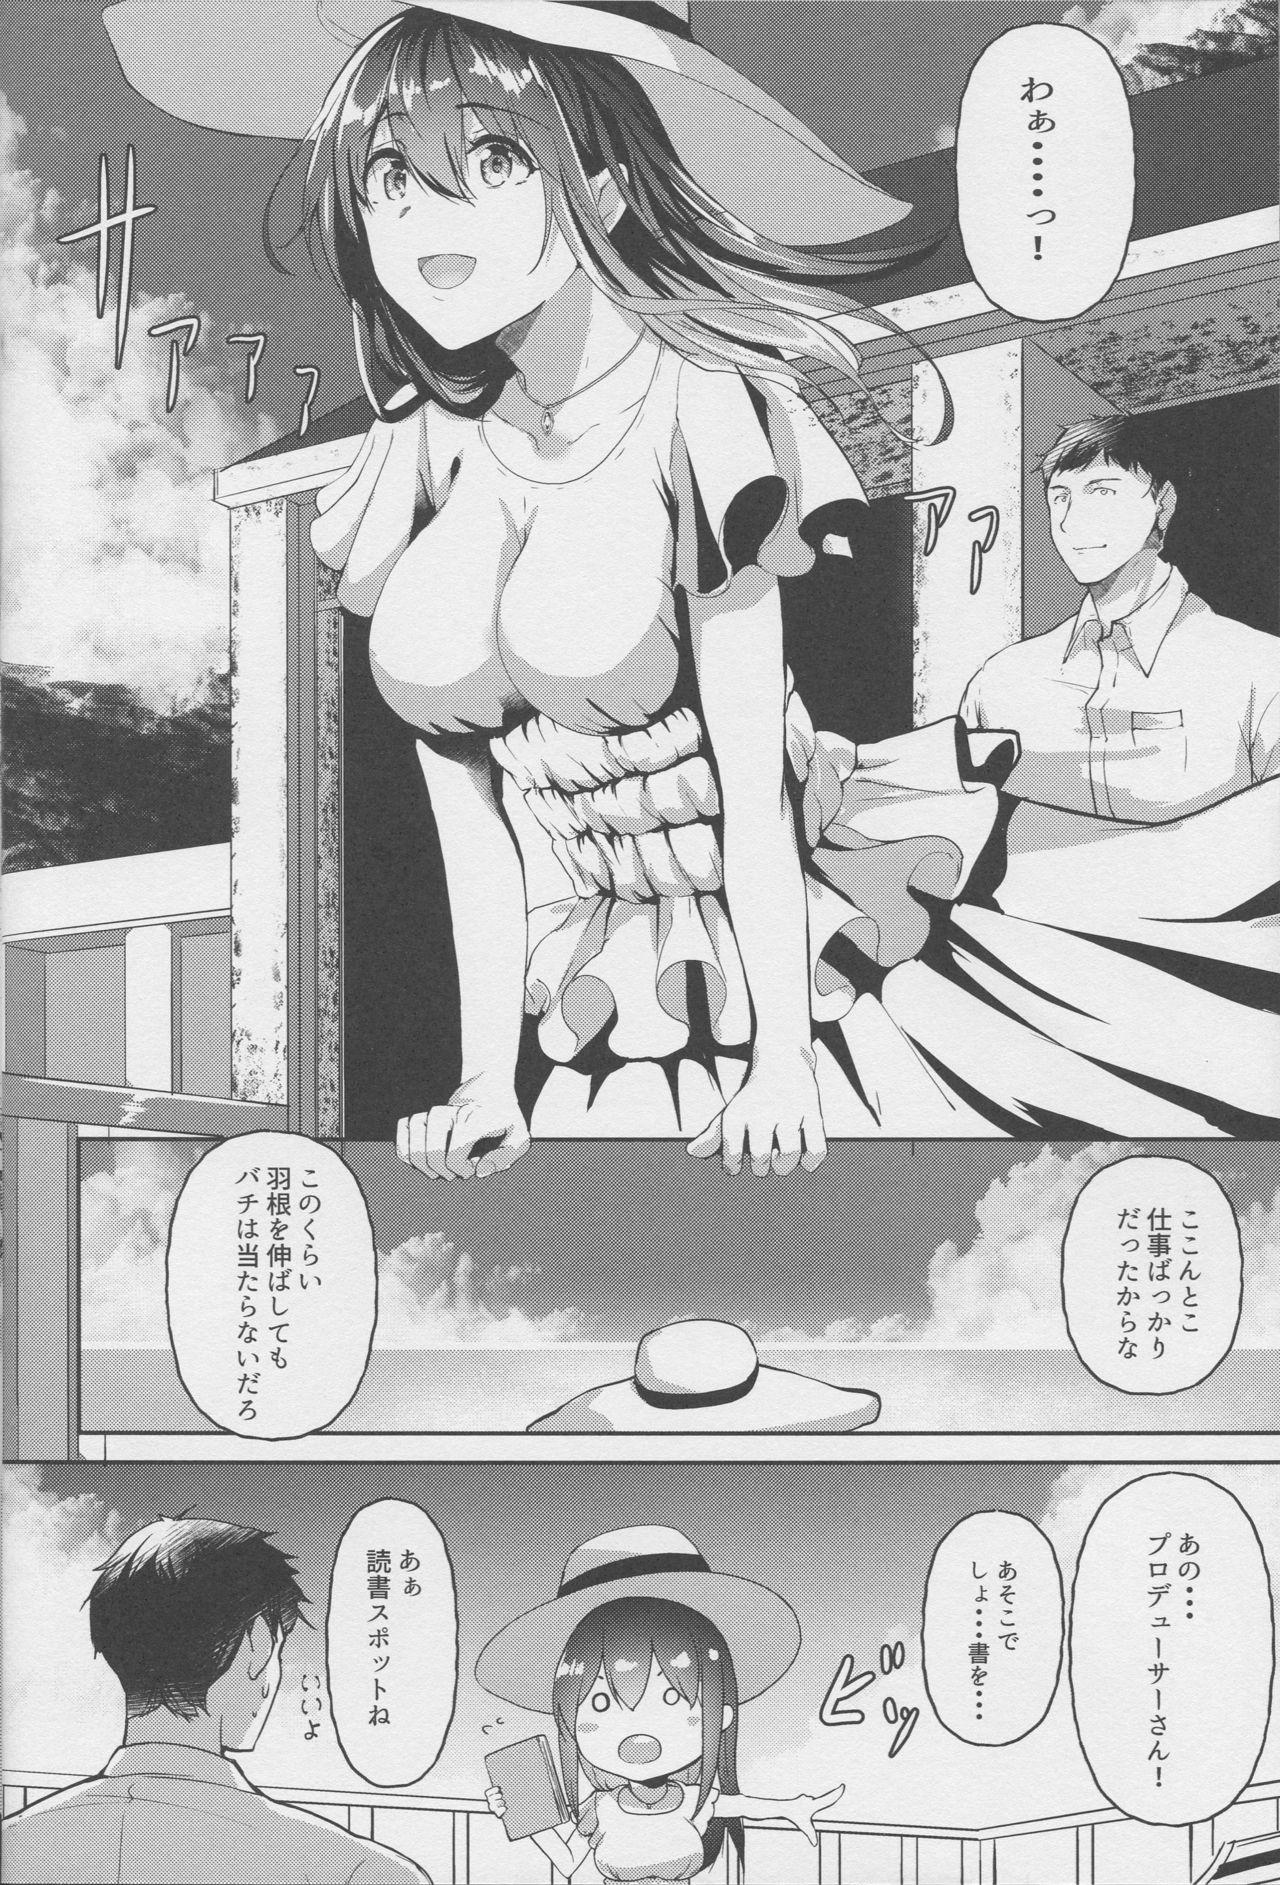 Kimi ga Iru Nichijou, Umi no Mieru Ano Basho de 16